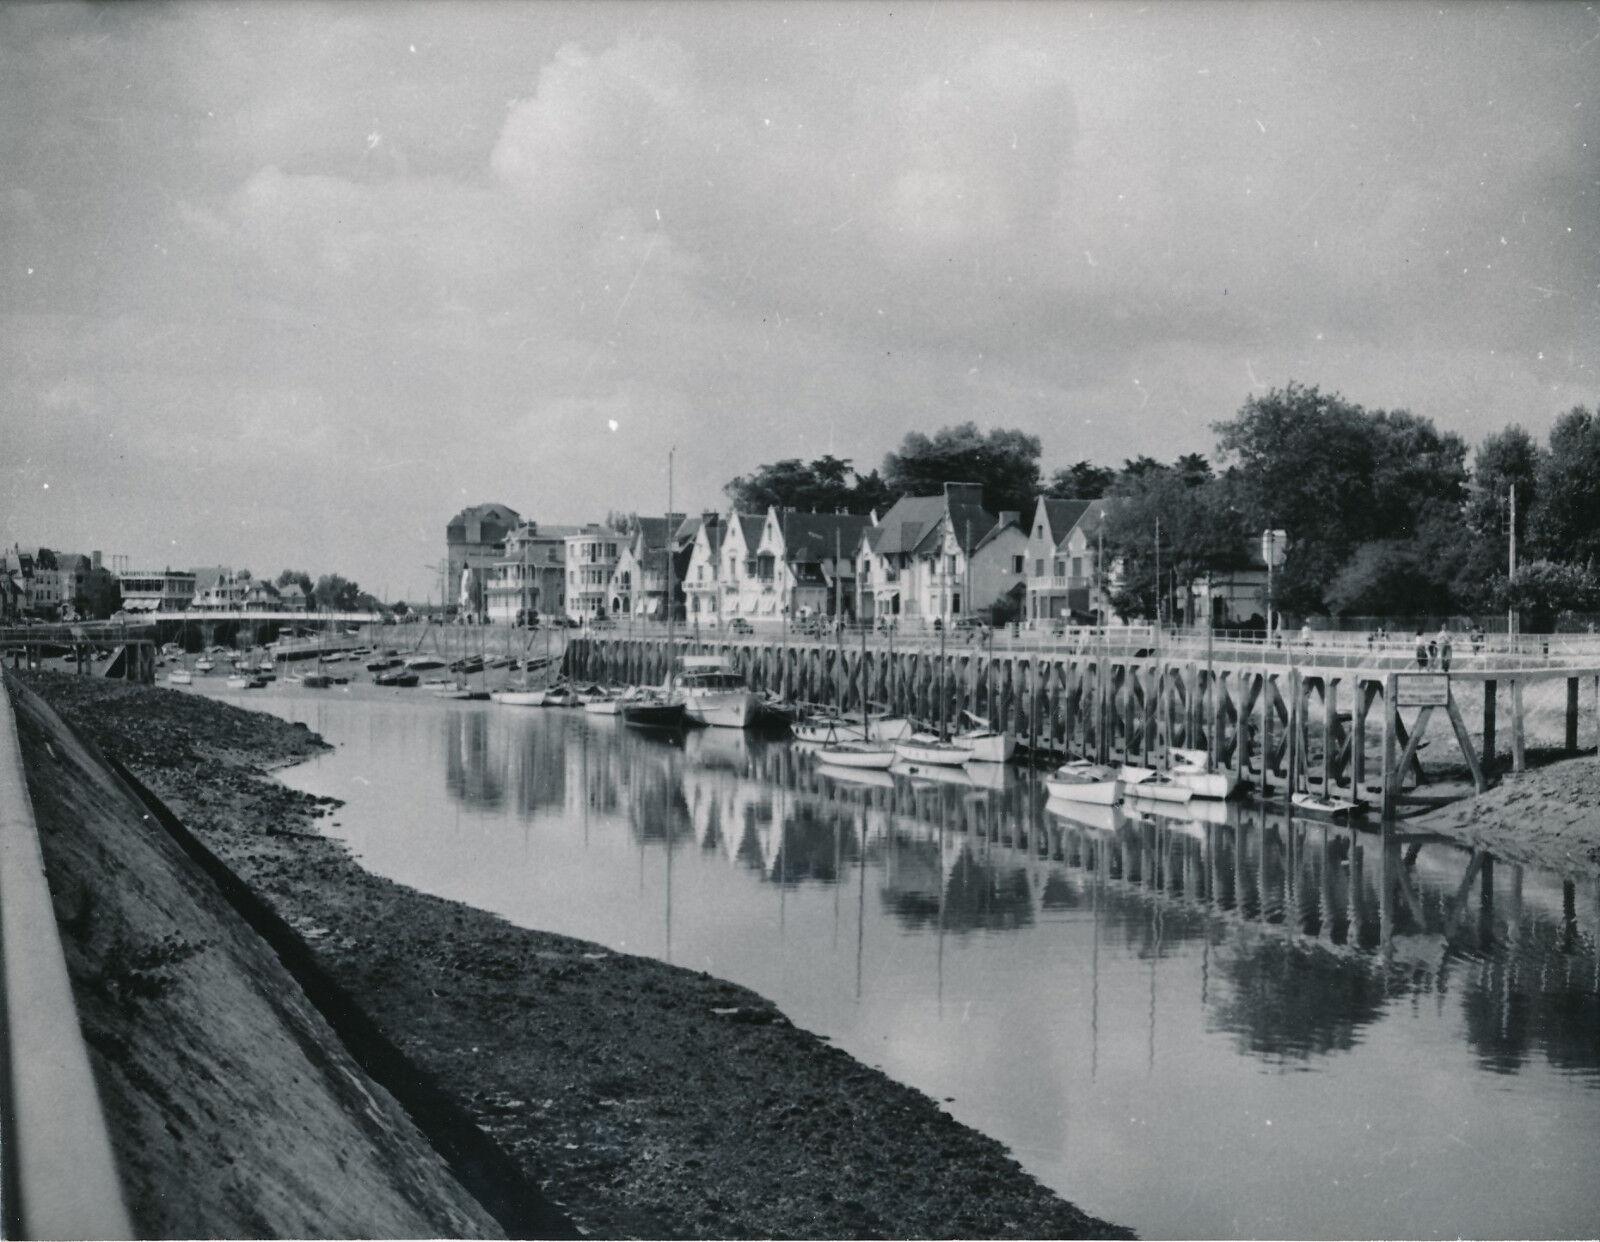 PORNICHET c. 1950 -  Le Port  Loire-Atlantique  - Div 7873